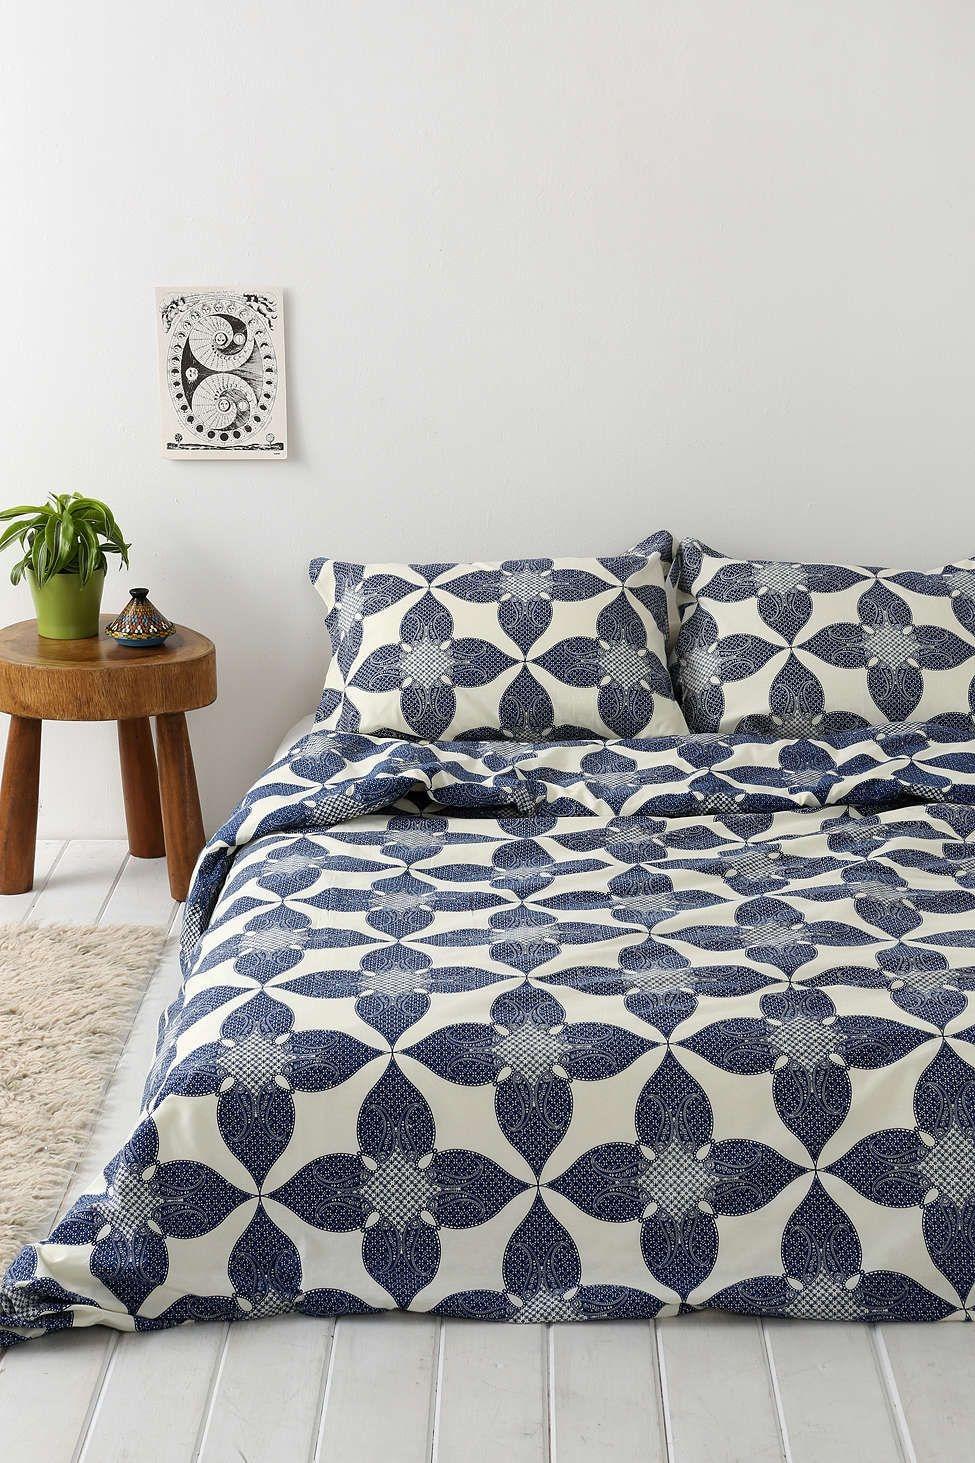 designer futon covers 1 designer futon covers   foter  rh   foter